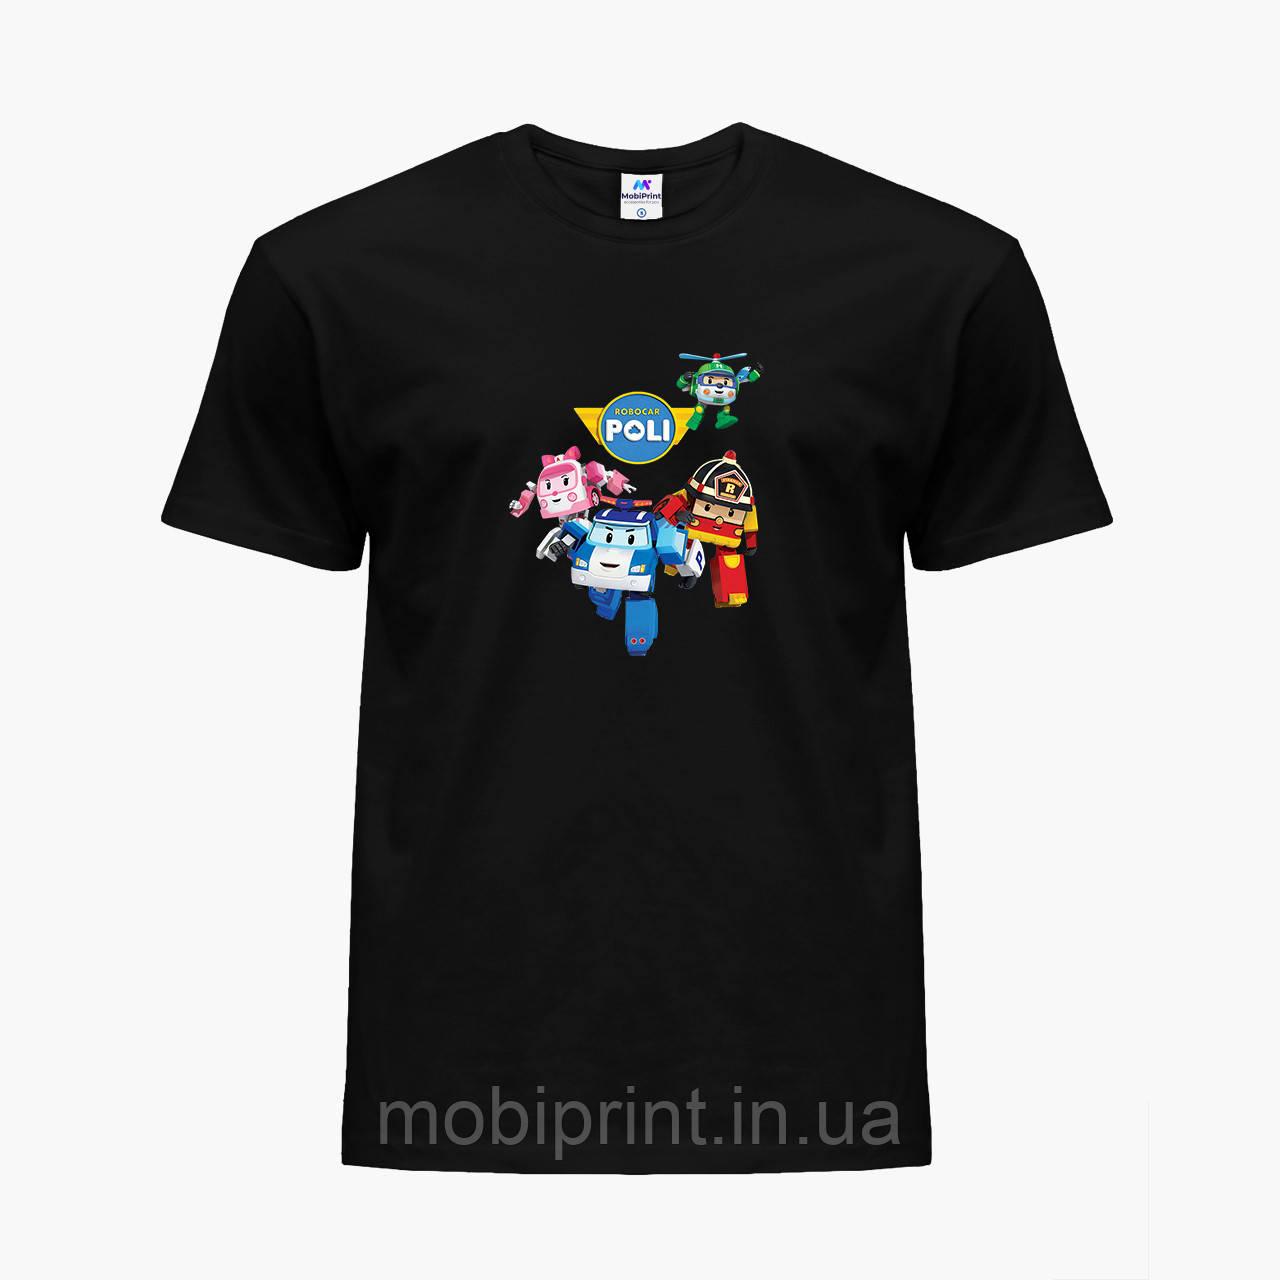 Детская футболка для девочек Робокар Поли (Robocar Poli) (25186-1618) Черный